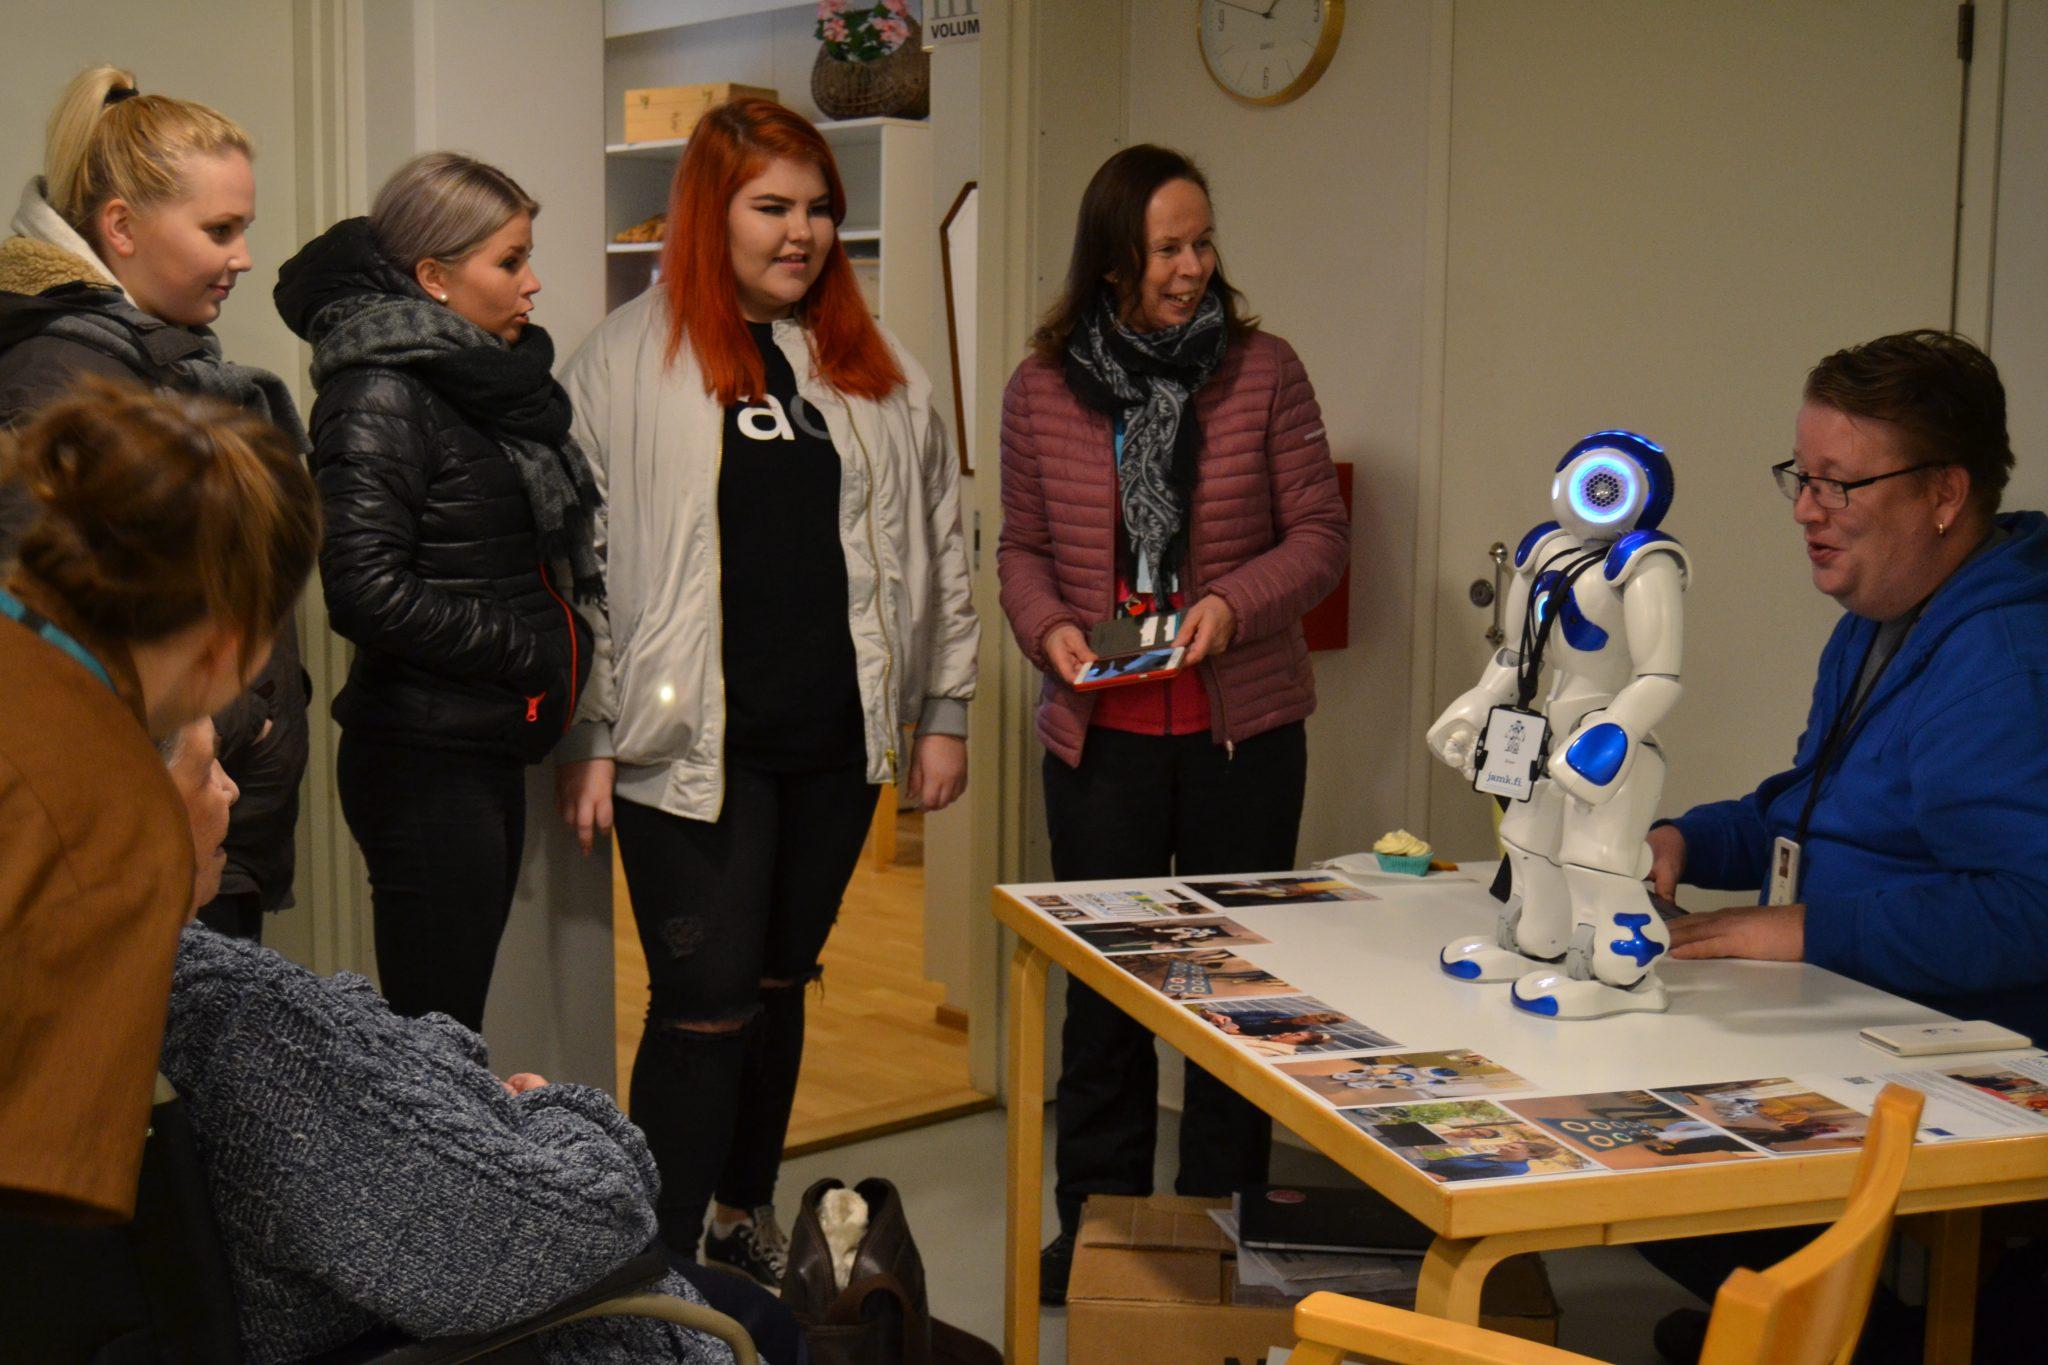 Zipra robotti esittelyssä